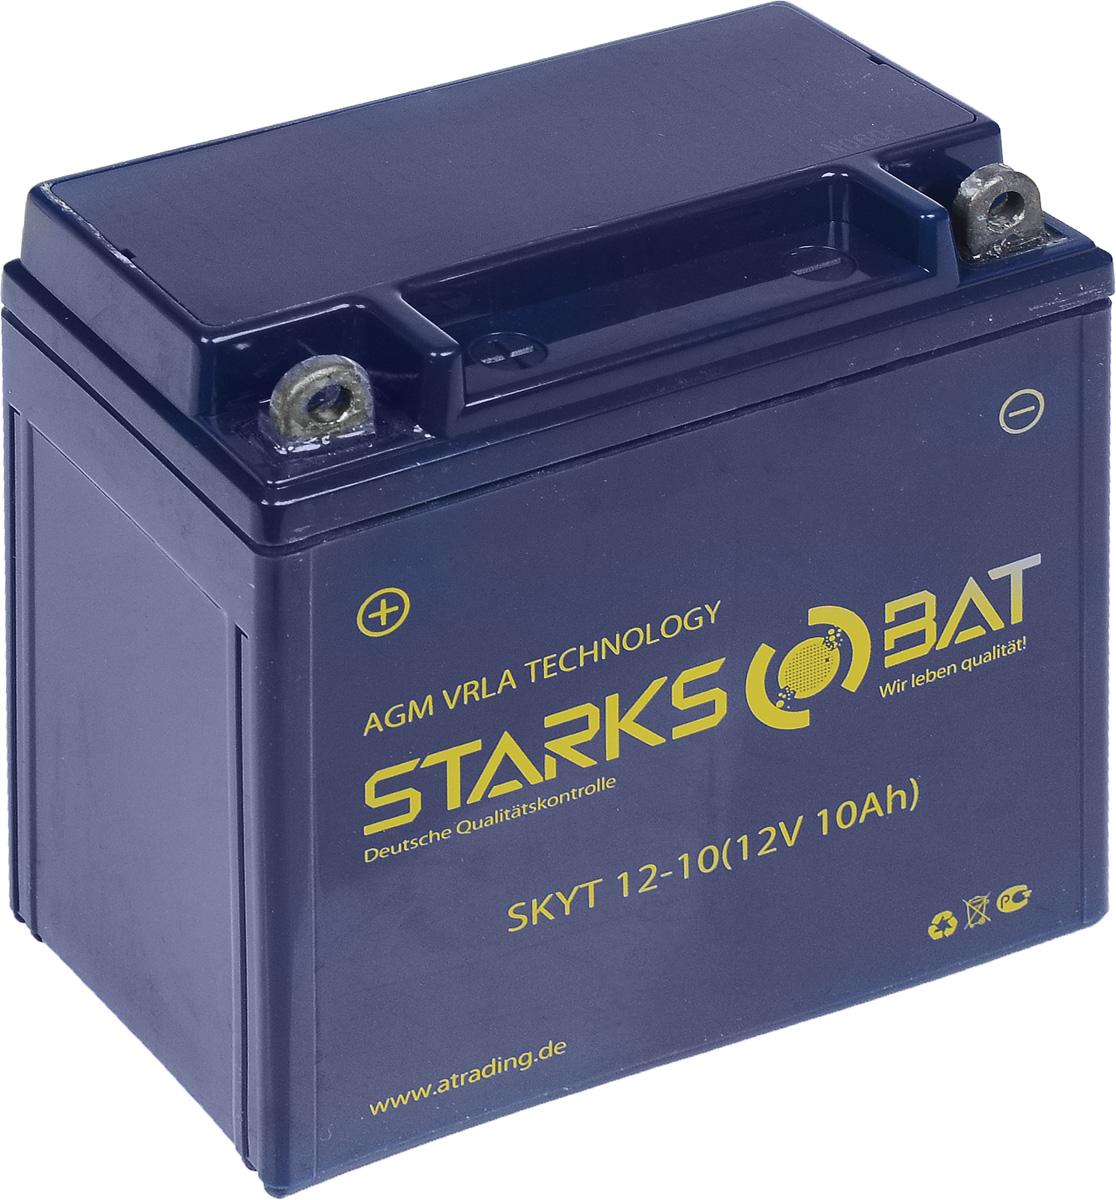 Батарея аккумуляторная для мотоциклов Starksbat. YT 12-10 (YB9A-A)10503Аккумулятор Starksbat изготовлен по технологии AGM, обеспечивающей повышенный уровень безопасности батареи и удобство ее эксплуатации. Корпус выполнен из особо ударопрочного и морозостойкого полипропилена. Аккумулятор блестяще доказал свои высокие эксплуатационные свойства в самых экстремальных условиях бездорожья, высоких и низких температур.Аккумуляторная батарея Starksbat производится под знаменитым немецким контролем качества, что обеспечивает ему высокие пусковые характеристики и восстановление емкости даже после глубокого разряда.Напряжение: 12 В.Емкость: 10 Ач.Полярность: прямая (+ -).Ток холодной прокрутки: 135 Аh (EN).